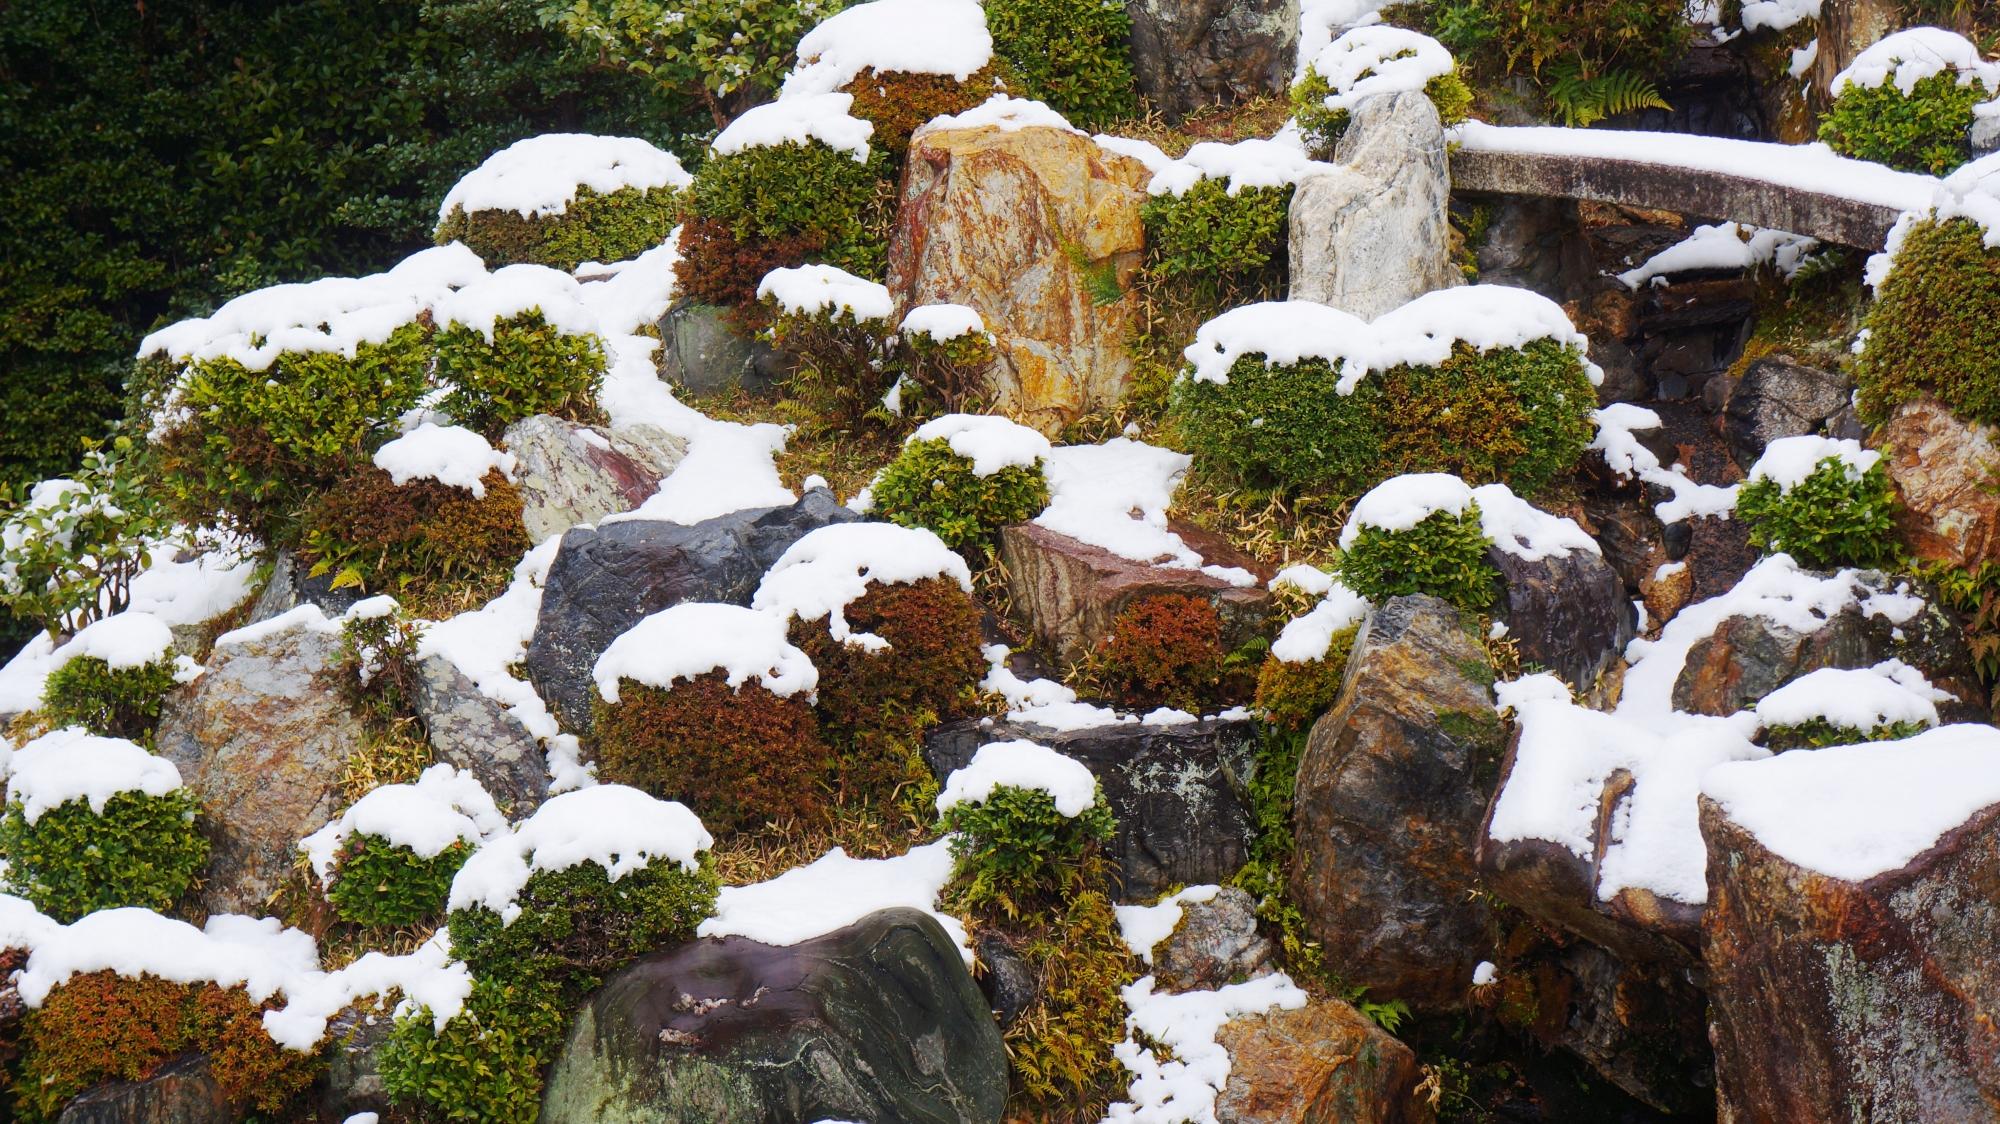 いろんな大きさや形や色の岩が配された庭園の雪景色